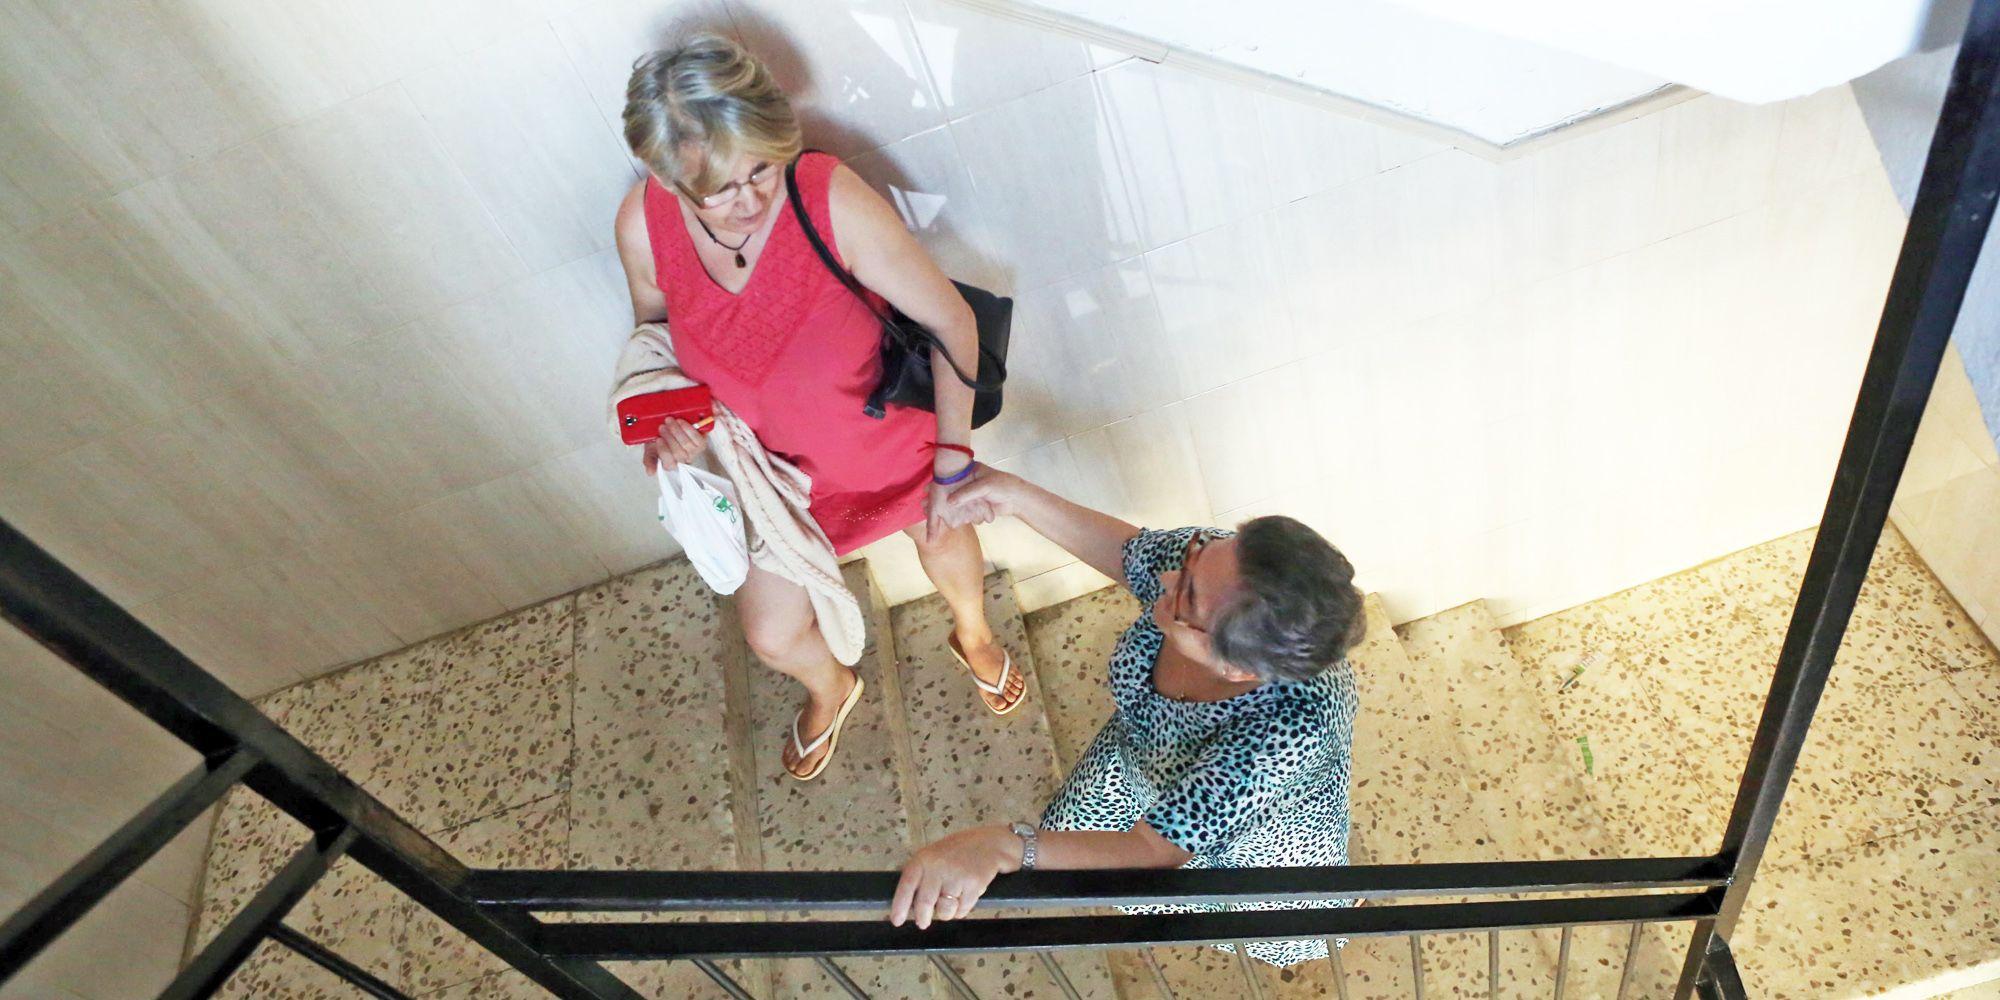 junta-andalucia-mantiene-edificio-con-ascensor-estropeado-3